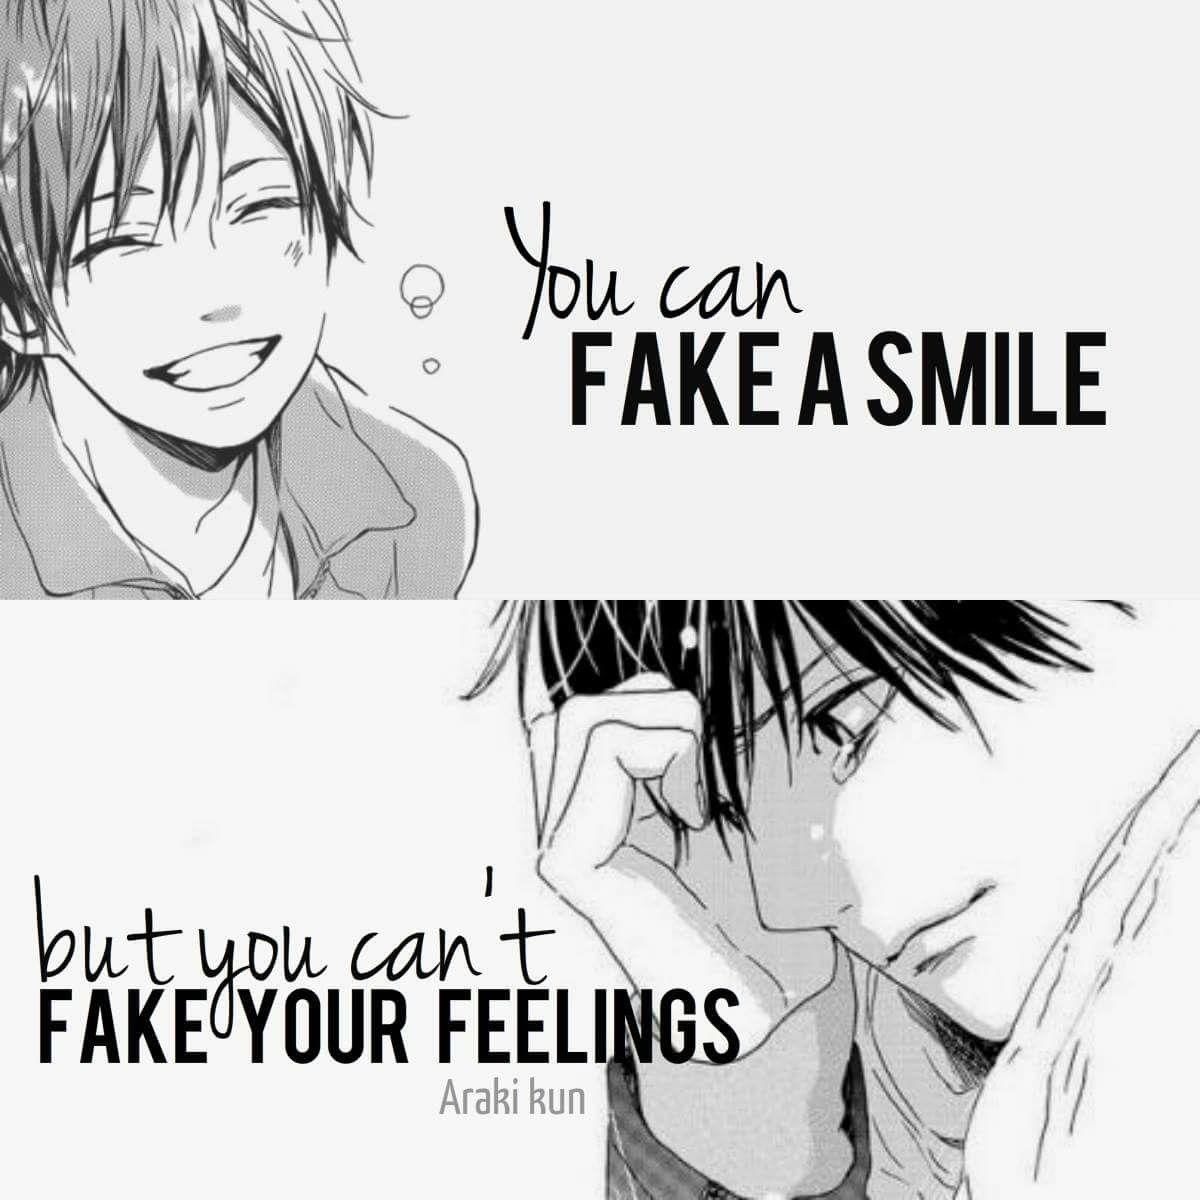 Sad Quotes About Depression: Anime/Manga: Orange